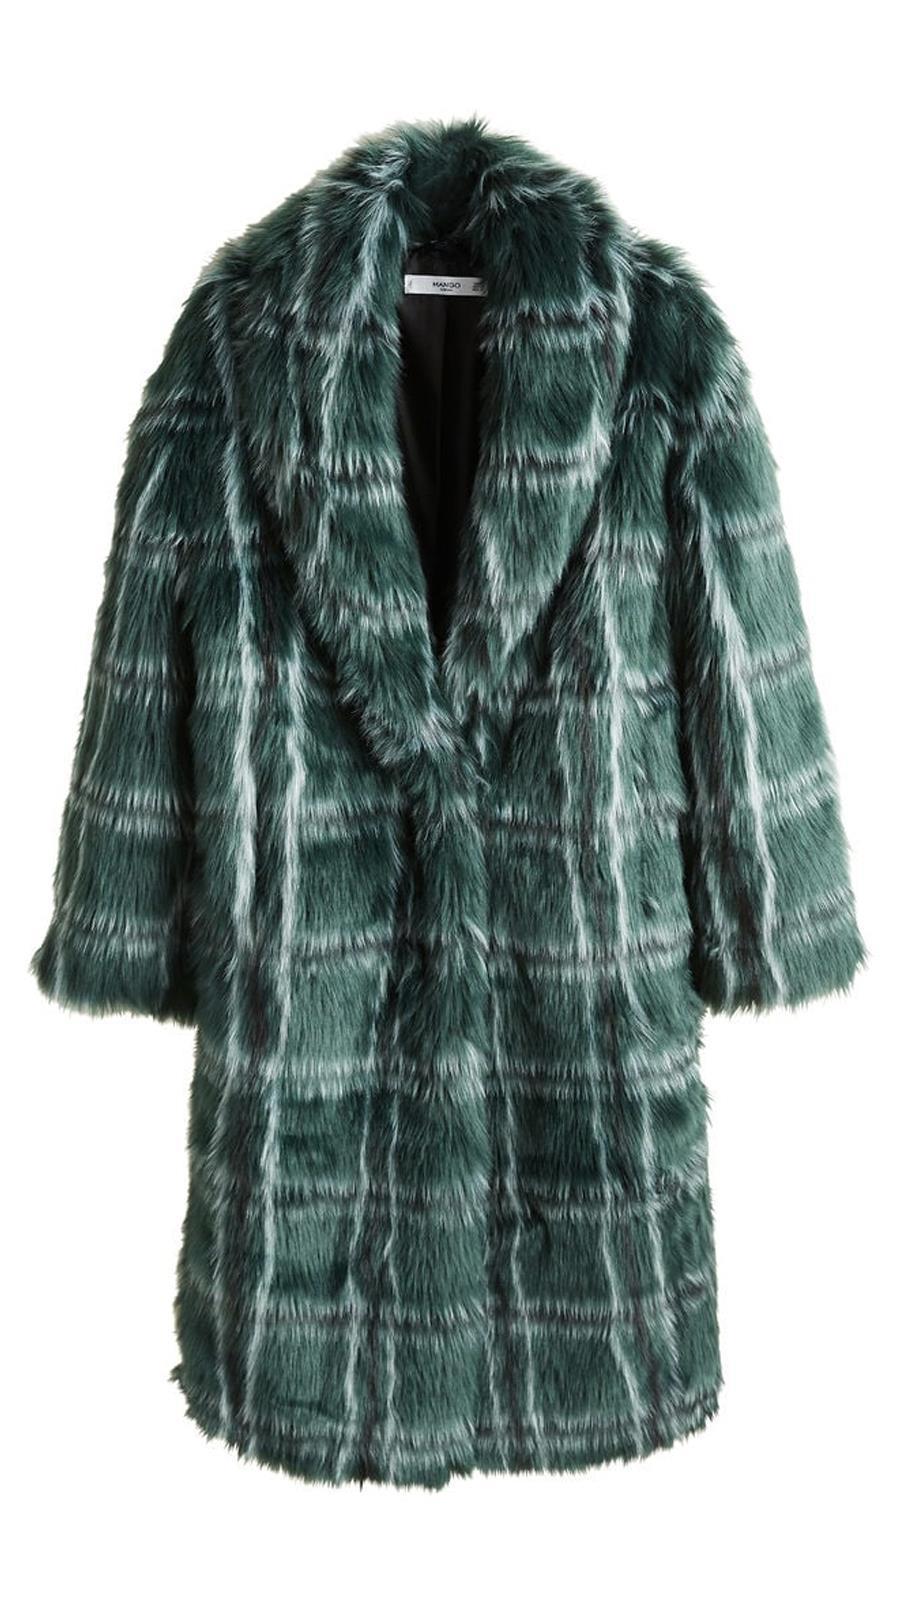 6bfc3a2572f 10 abrigos de cuadros de mujer que están de moda este invierno - InStyle